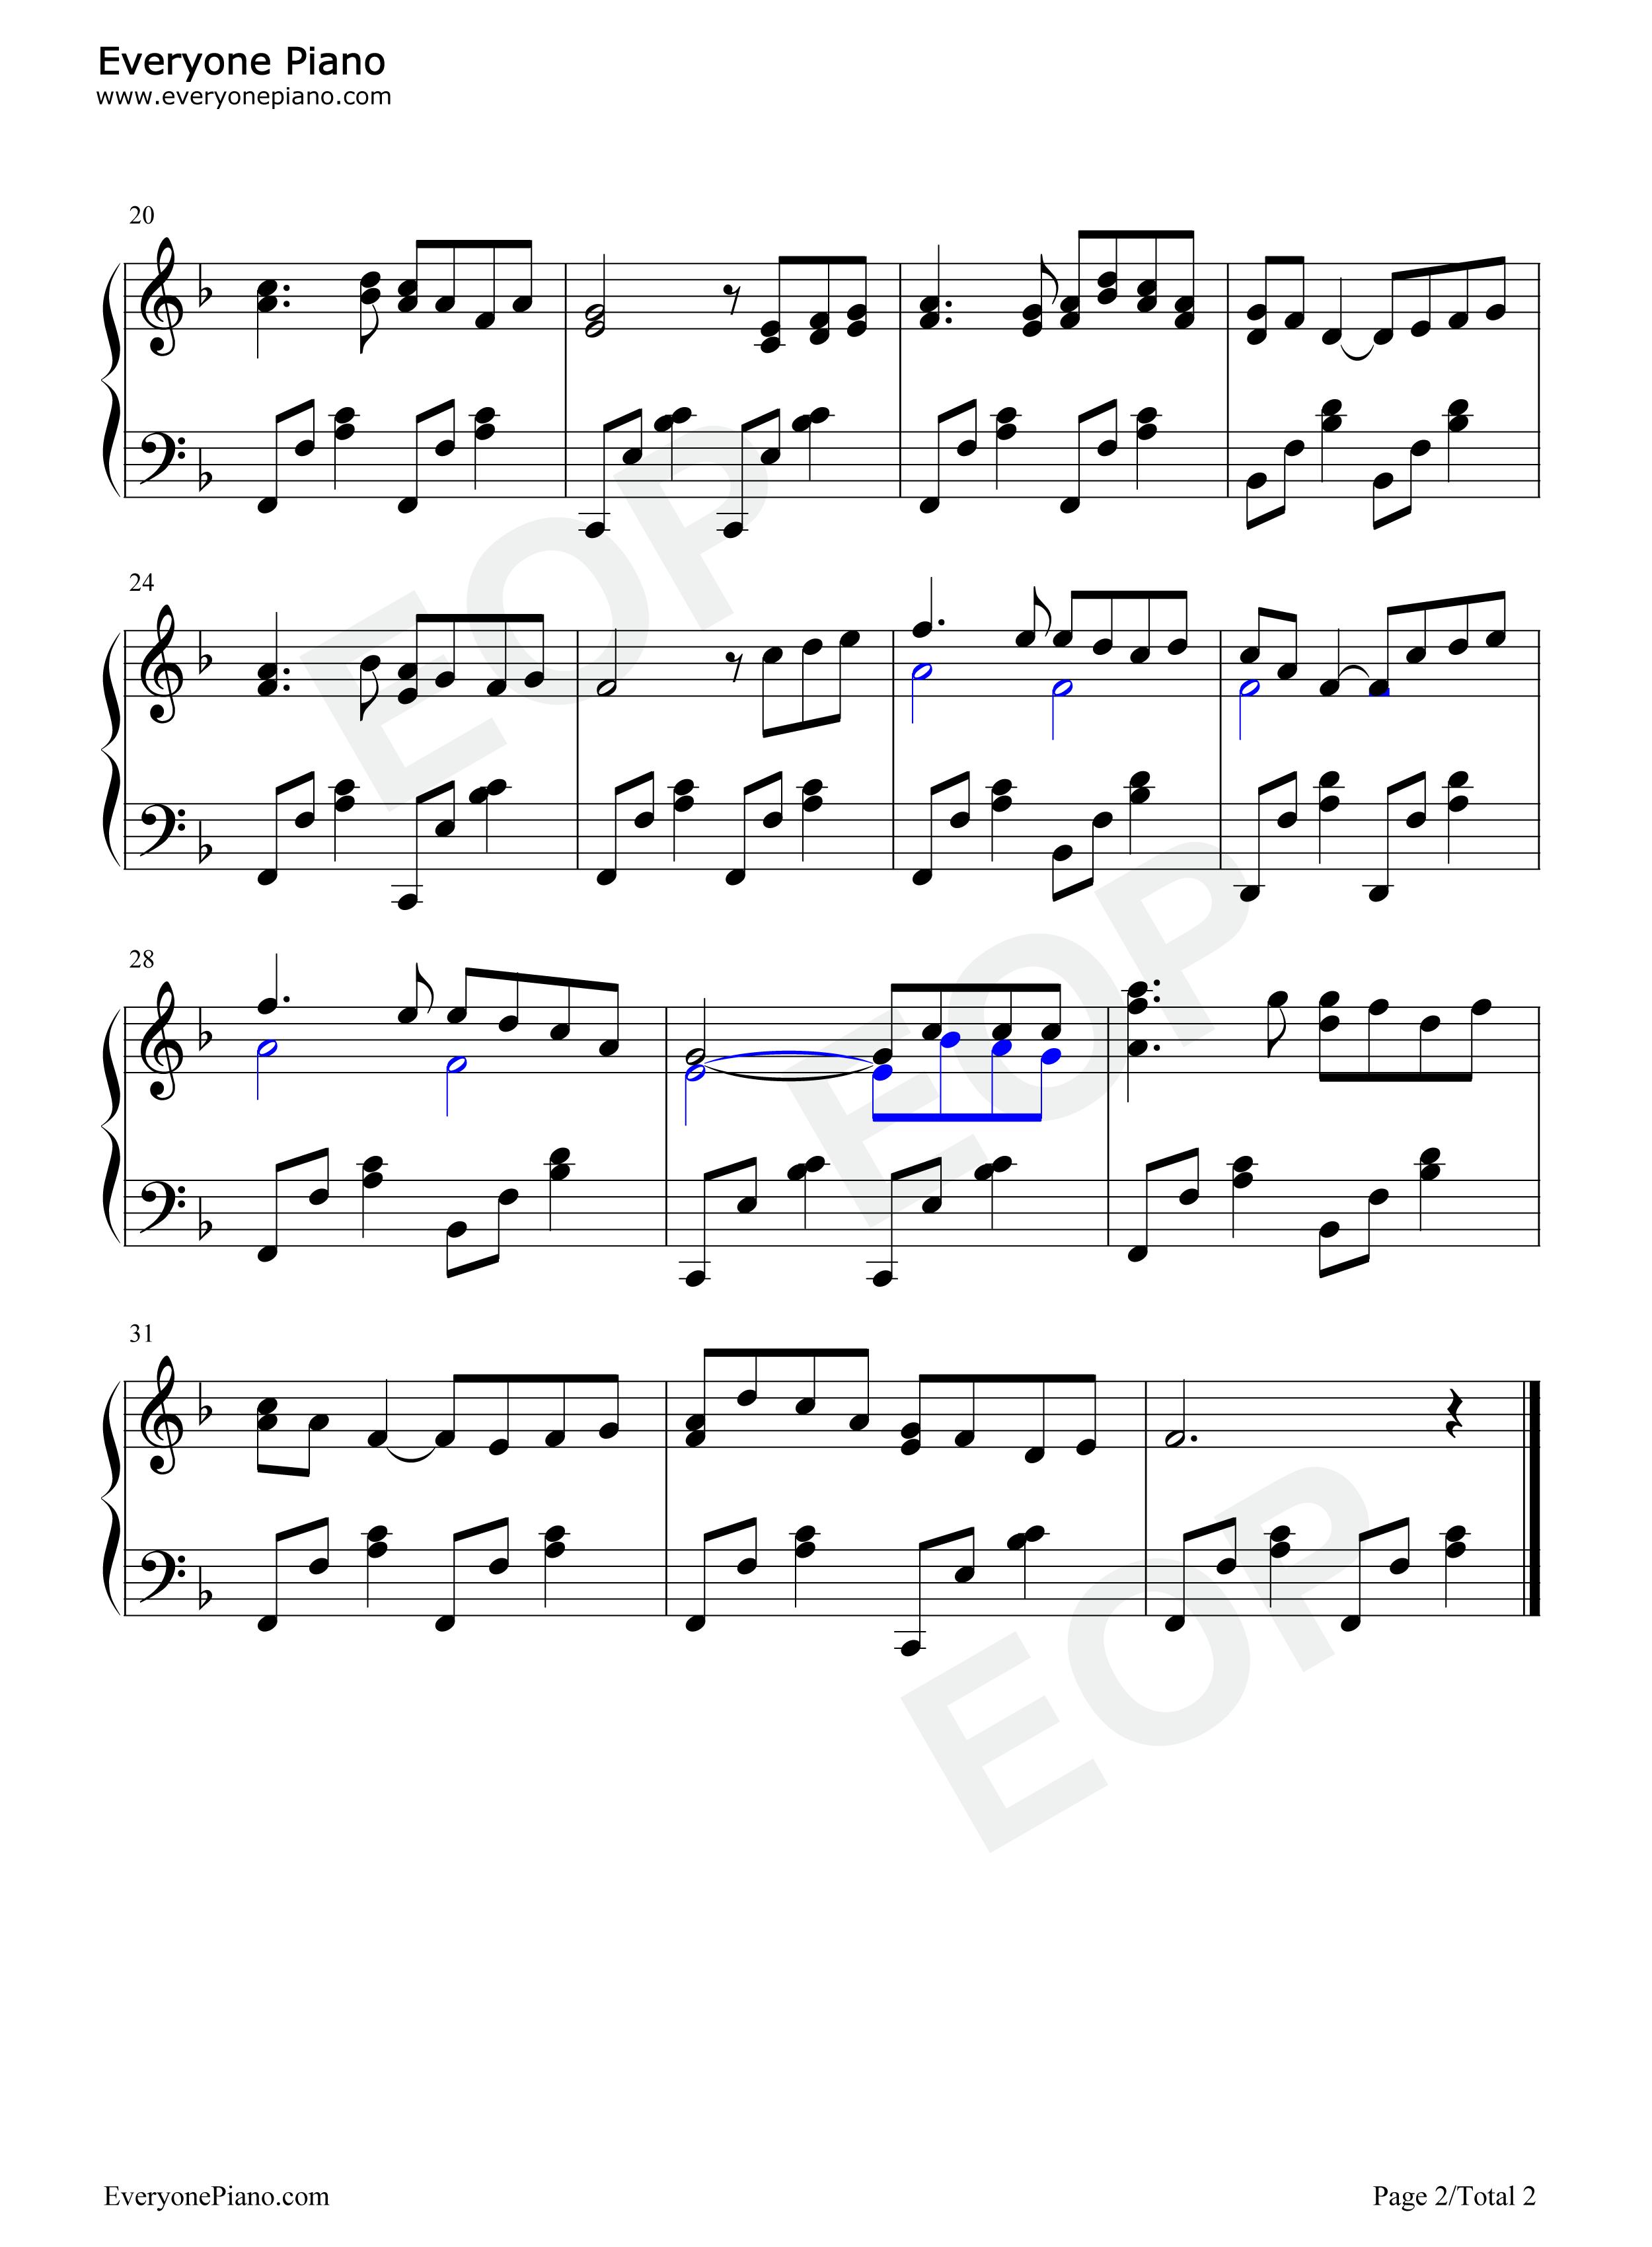 ロンドンデリーの歌-Londonderry Air五線譜プレビュー2-無料の楽譜 ...